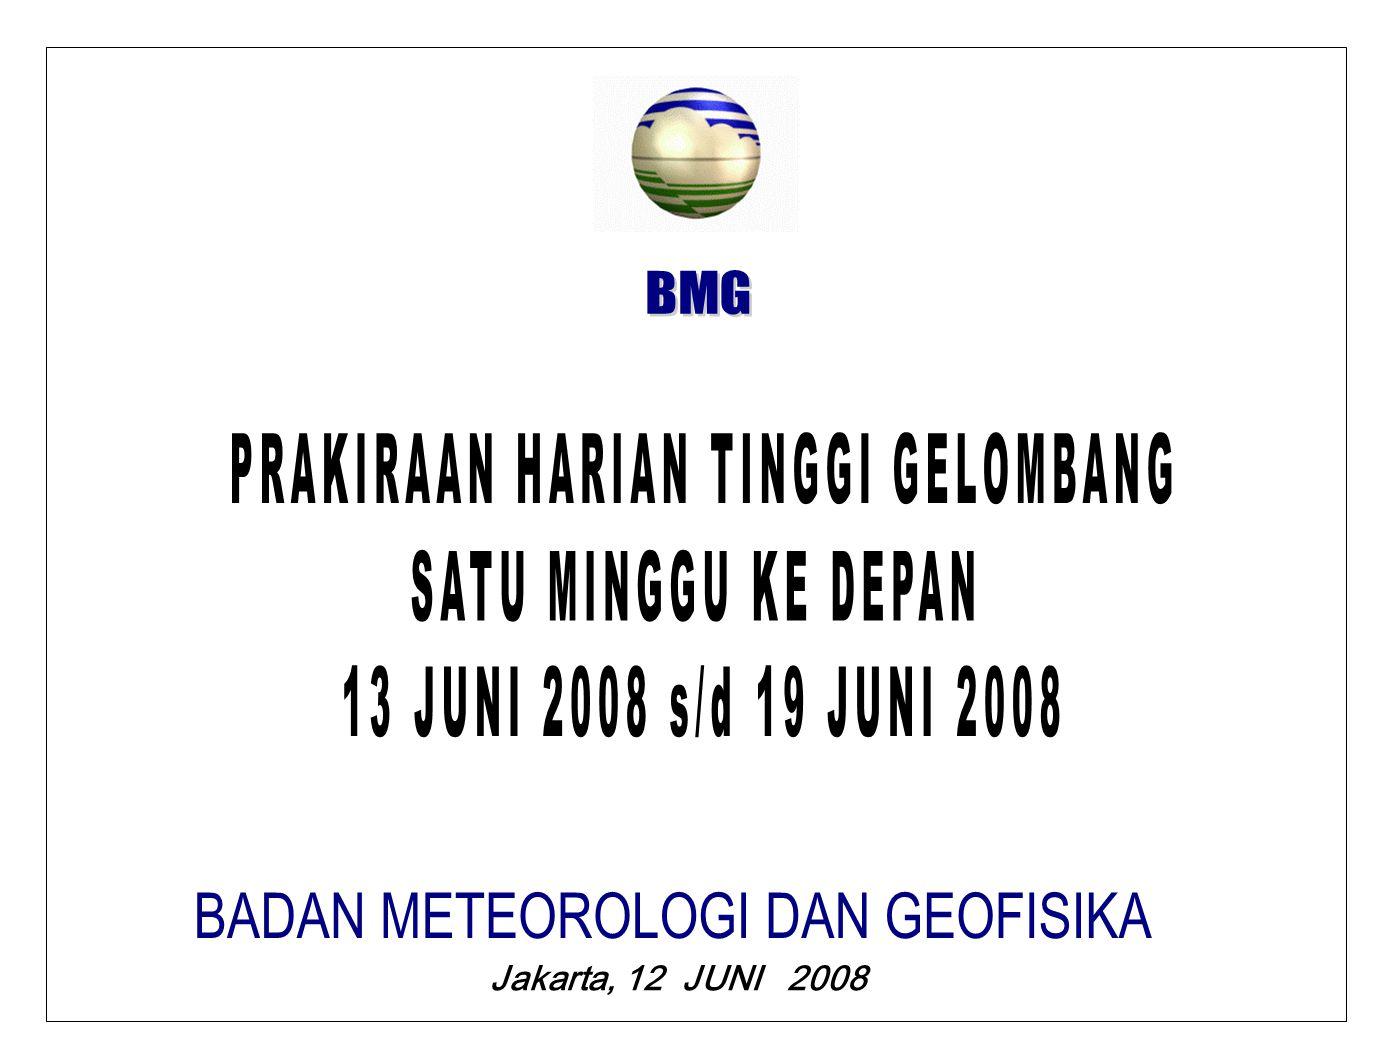 Jakarta, 12 JUNI 2008